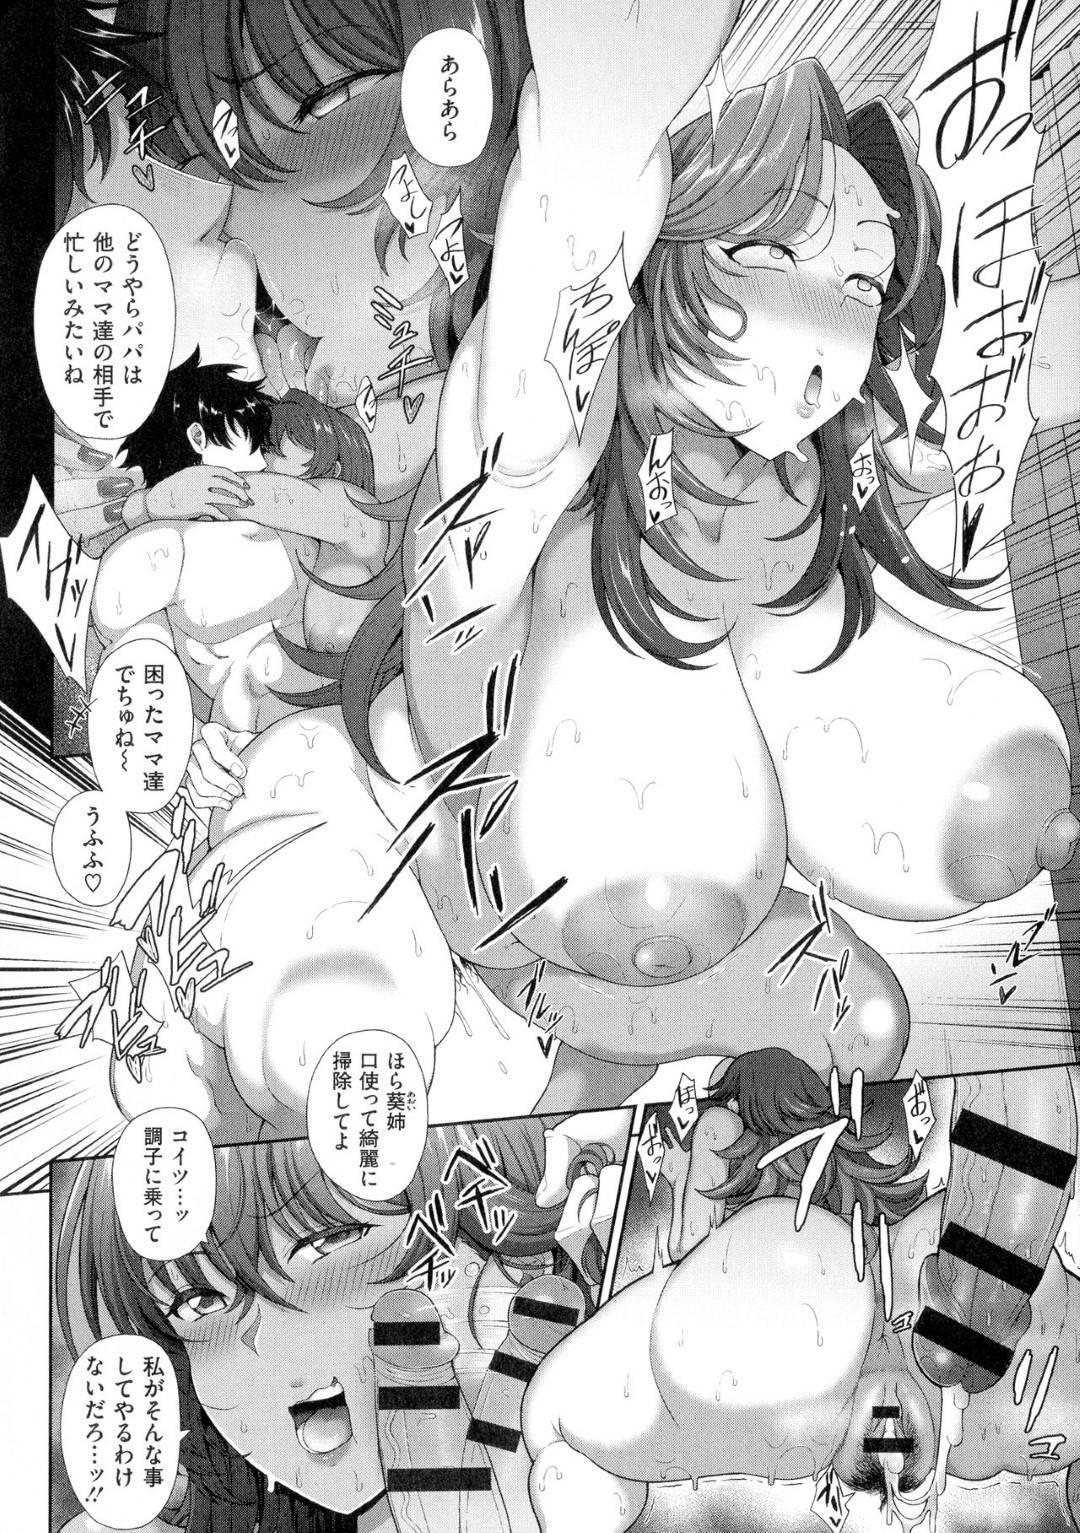 【エロ漫画】男の巨根に快楽堕ちしてしまった巨乳人妻たち。すっかり淫乱になった彼女たちは顔を歪めてひょっとこフェラしたり、挿入されてはアヘ顔でヨガりまくったりと乱交セックスしまくる。